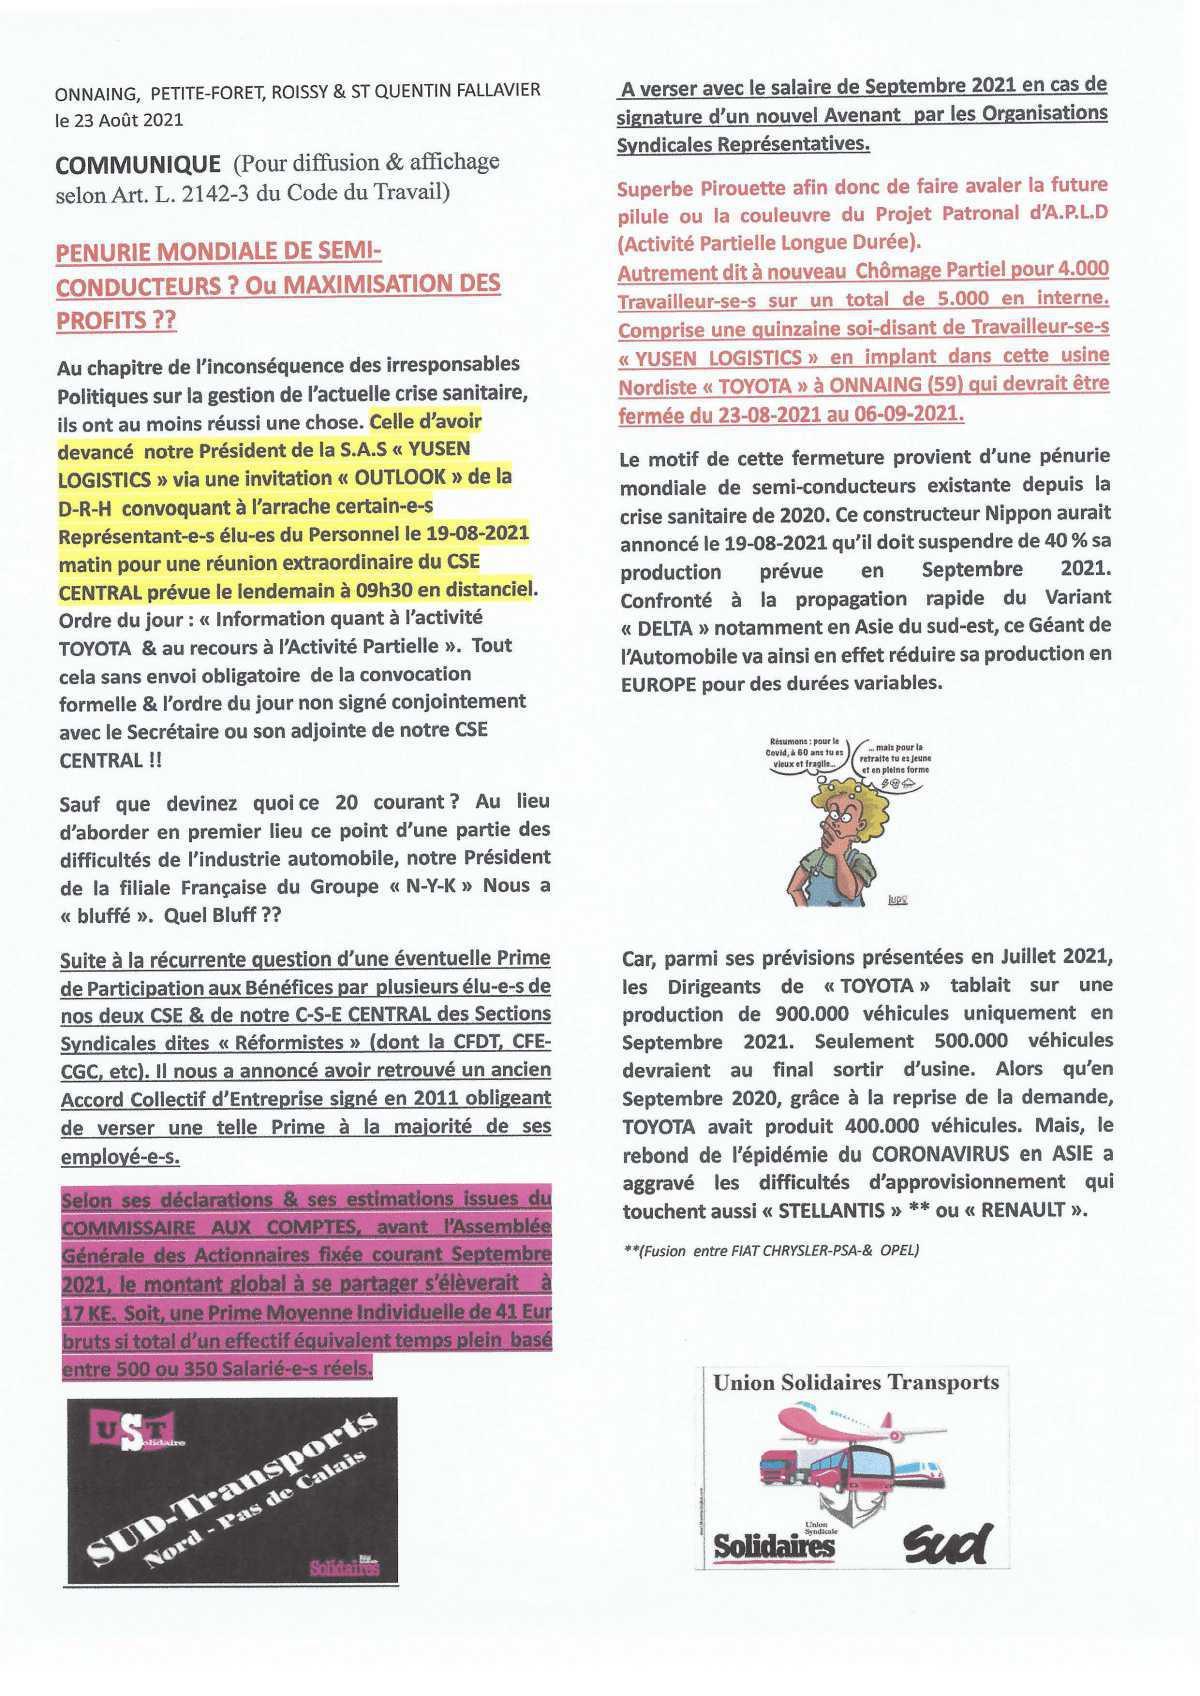 Communiqué UNION SYNDICALE TRANSPORTS du 23-08-2021 Pénurie mondiale de semi-conducteurs ou Maximisation des Profits